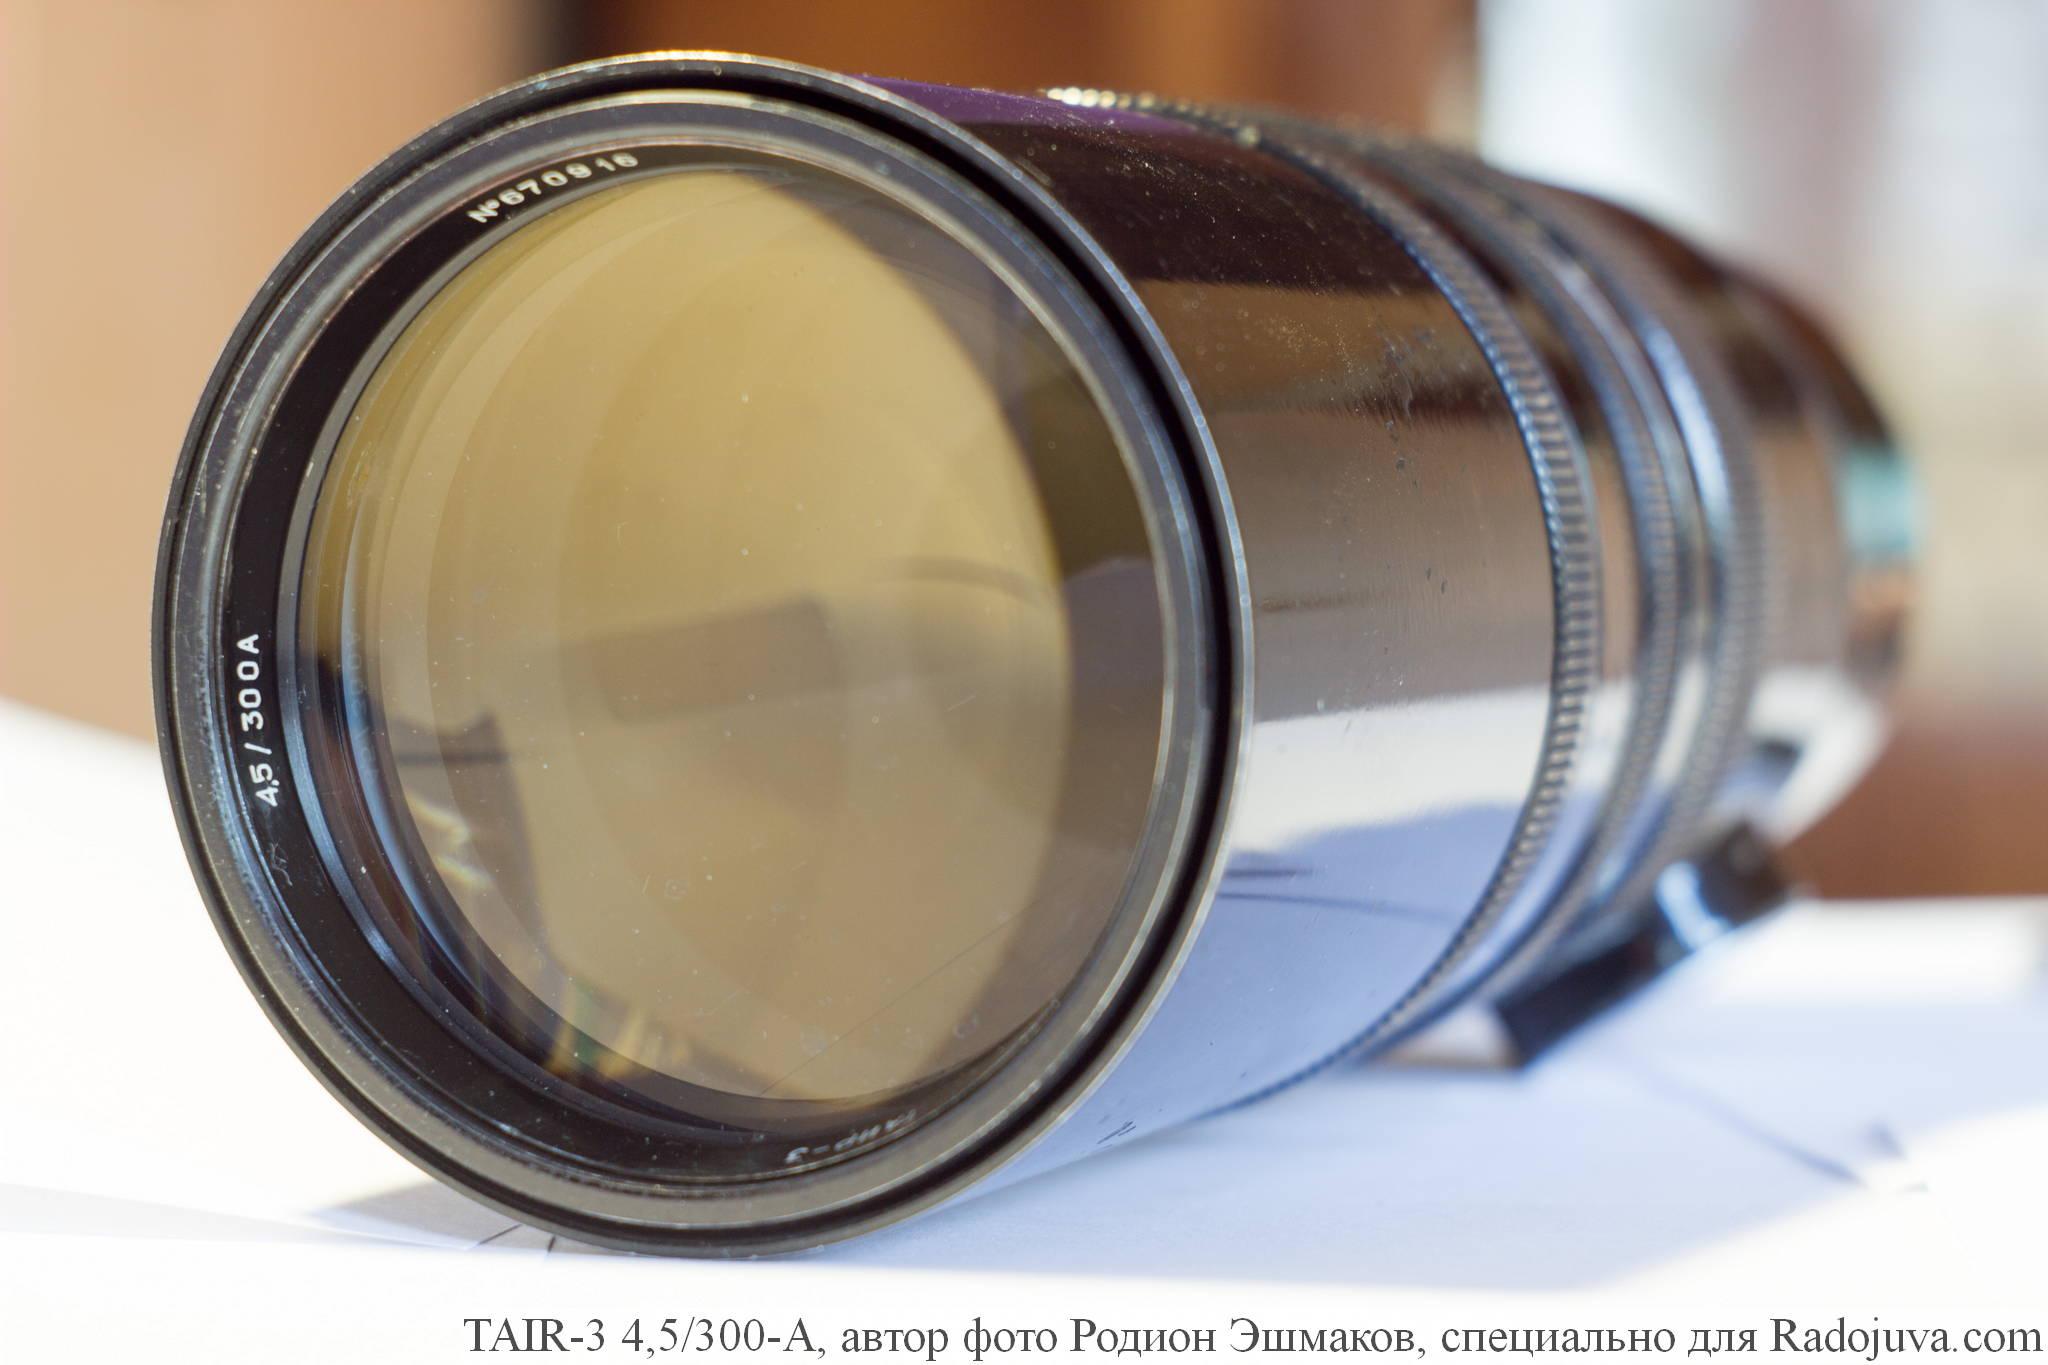 Таир-3А 300/4.5